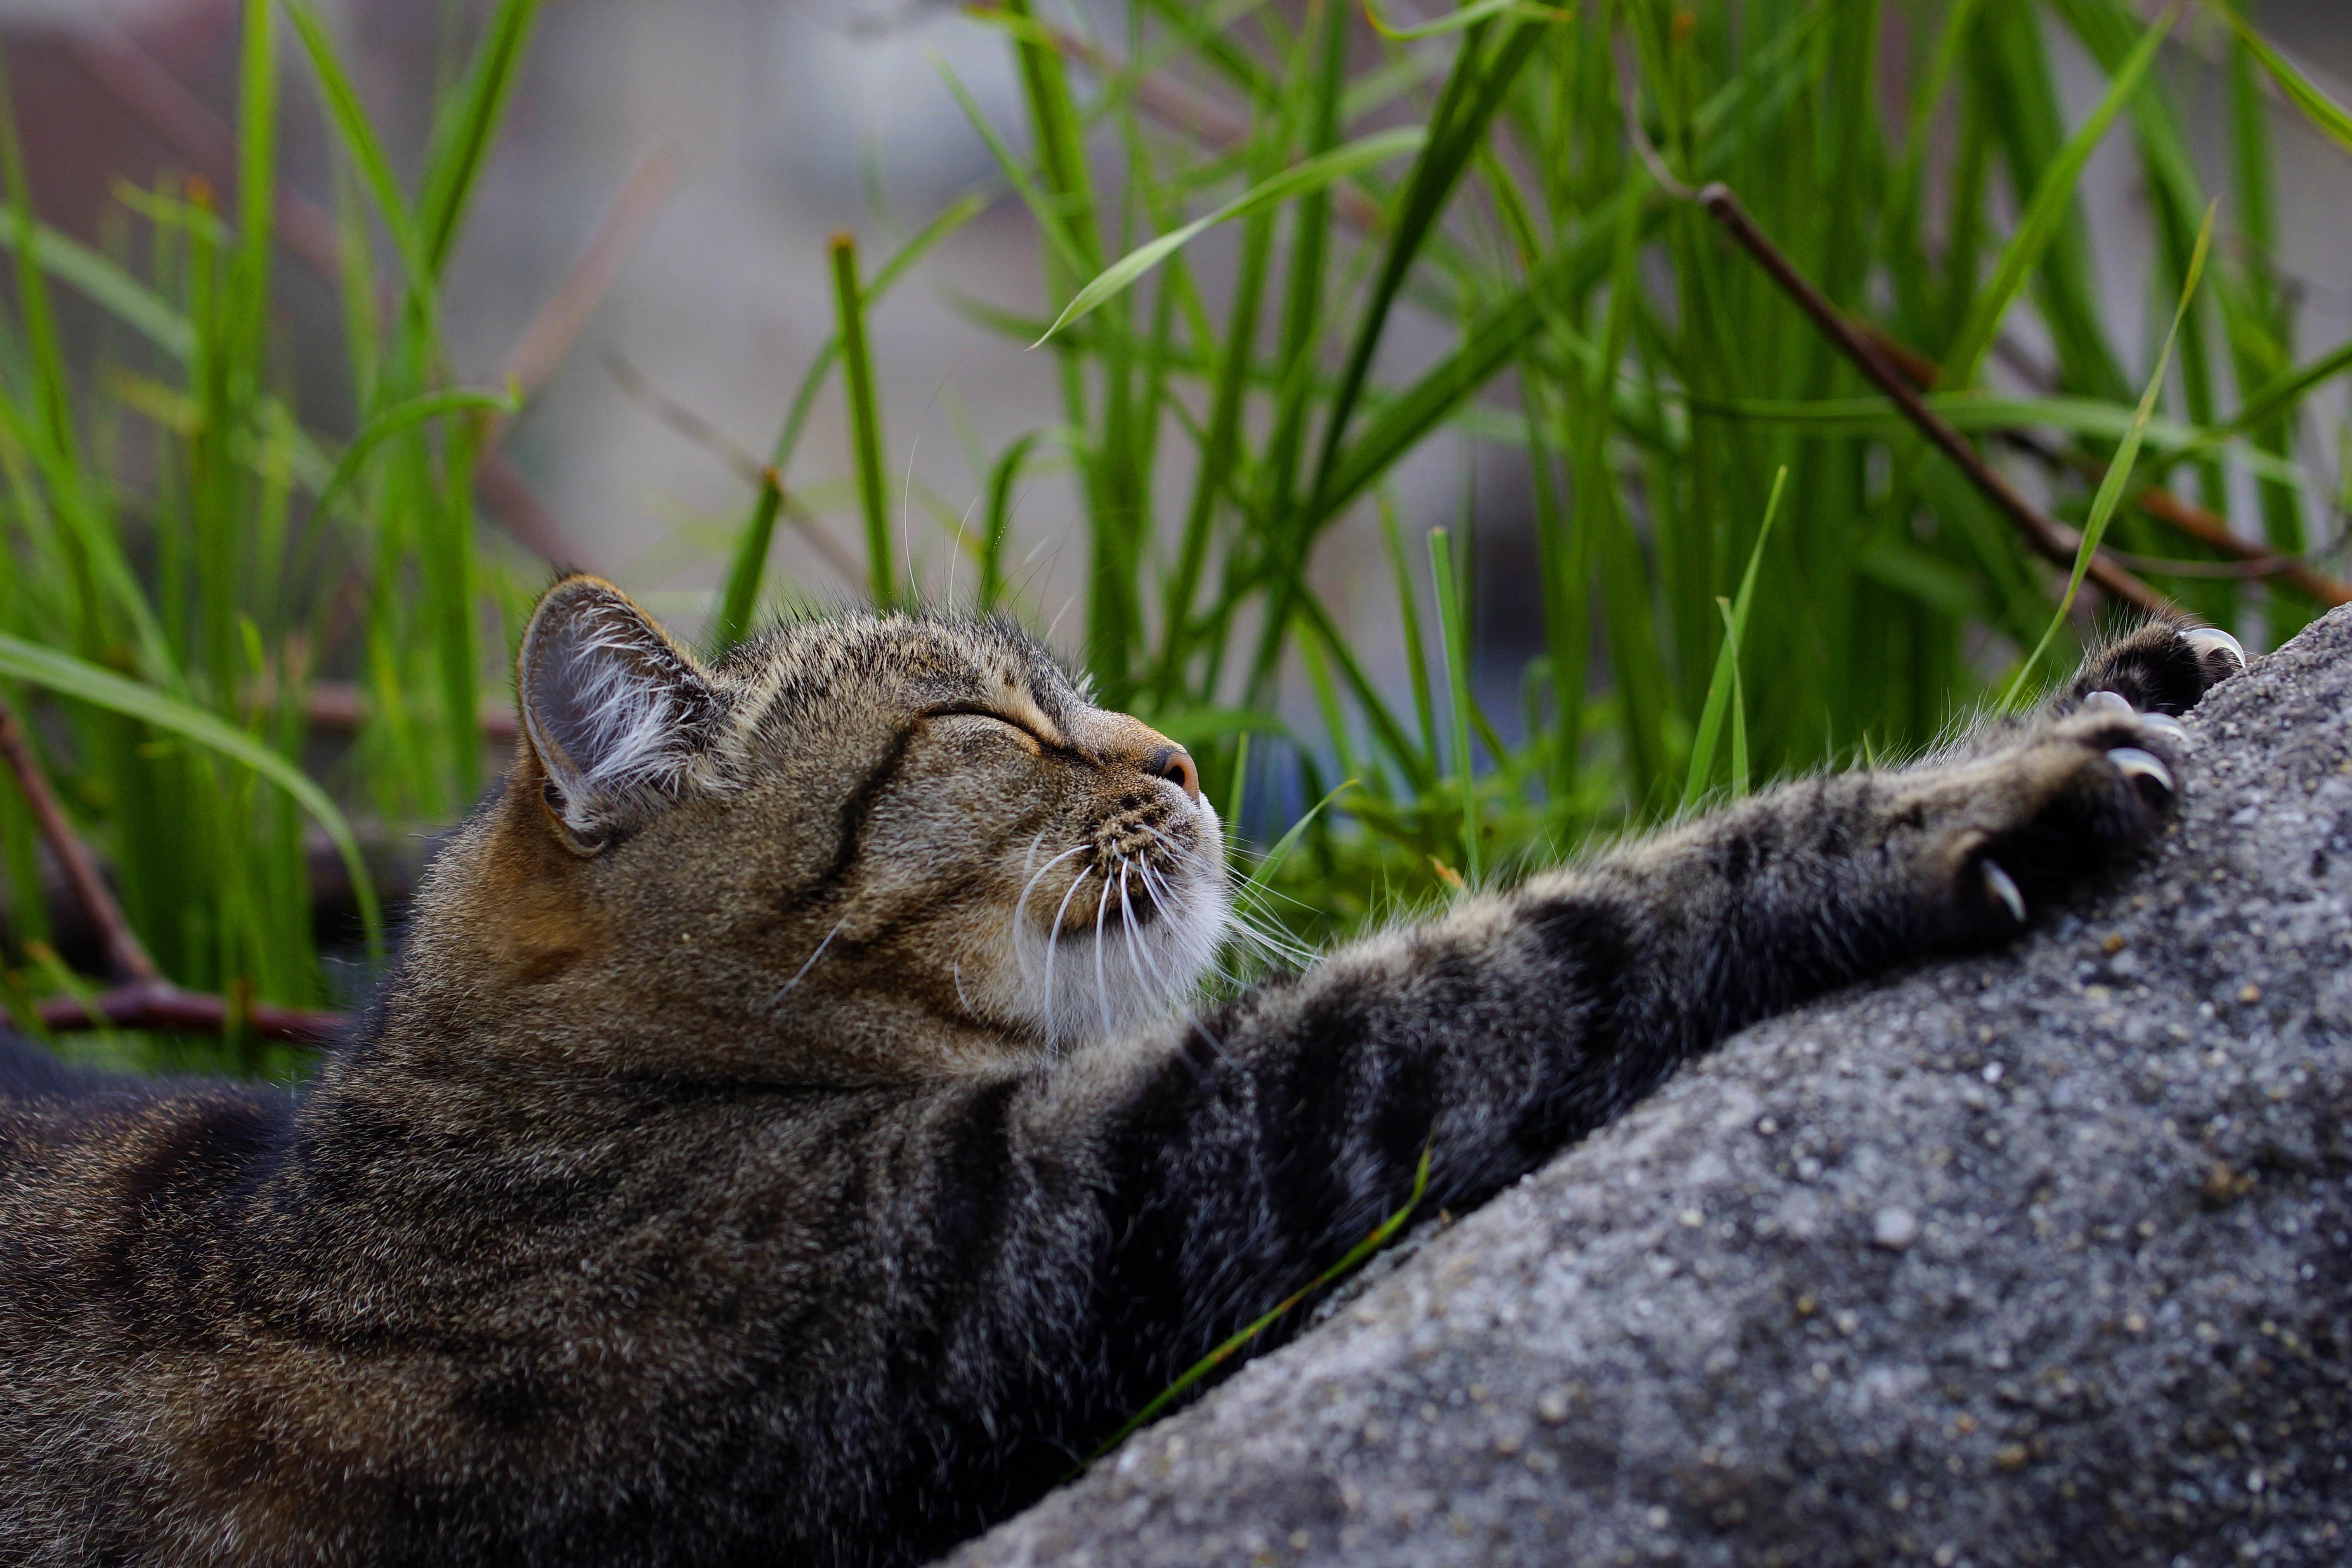 конце красивые картинки кошки на природе мушки, джиг-стримеры, айс-джиги